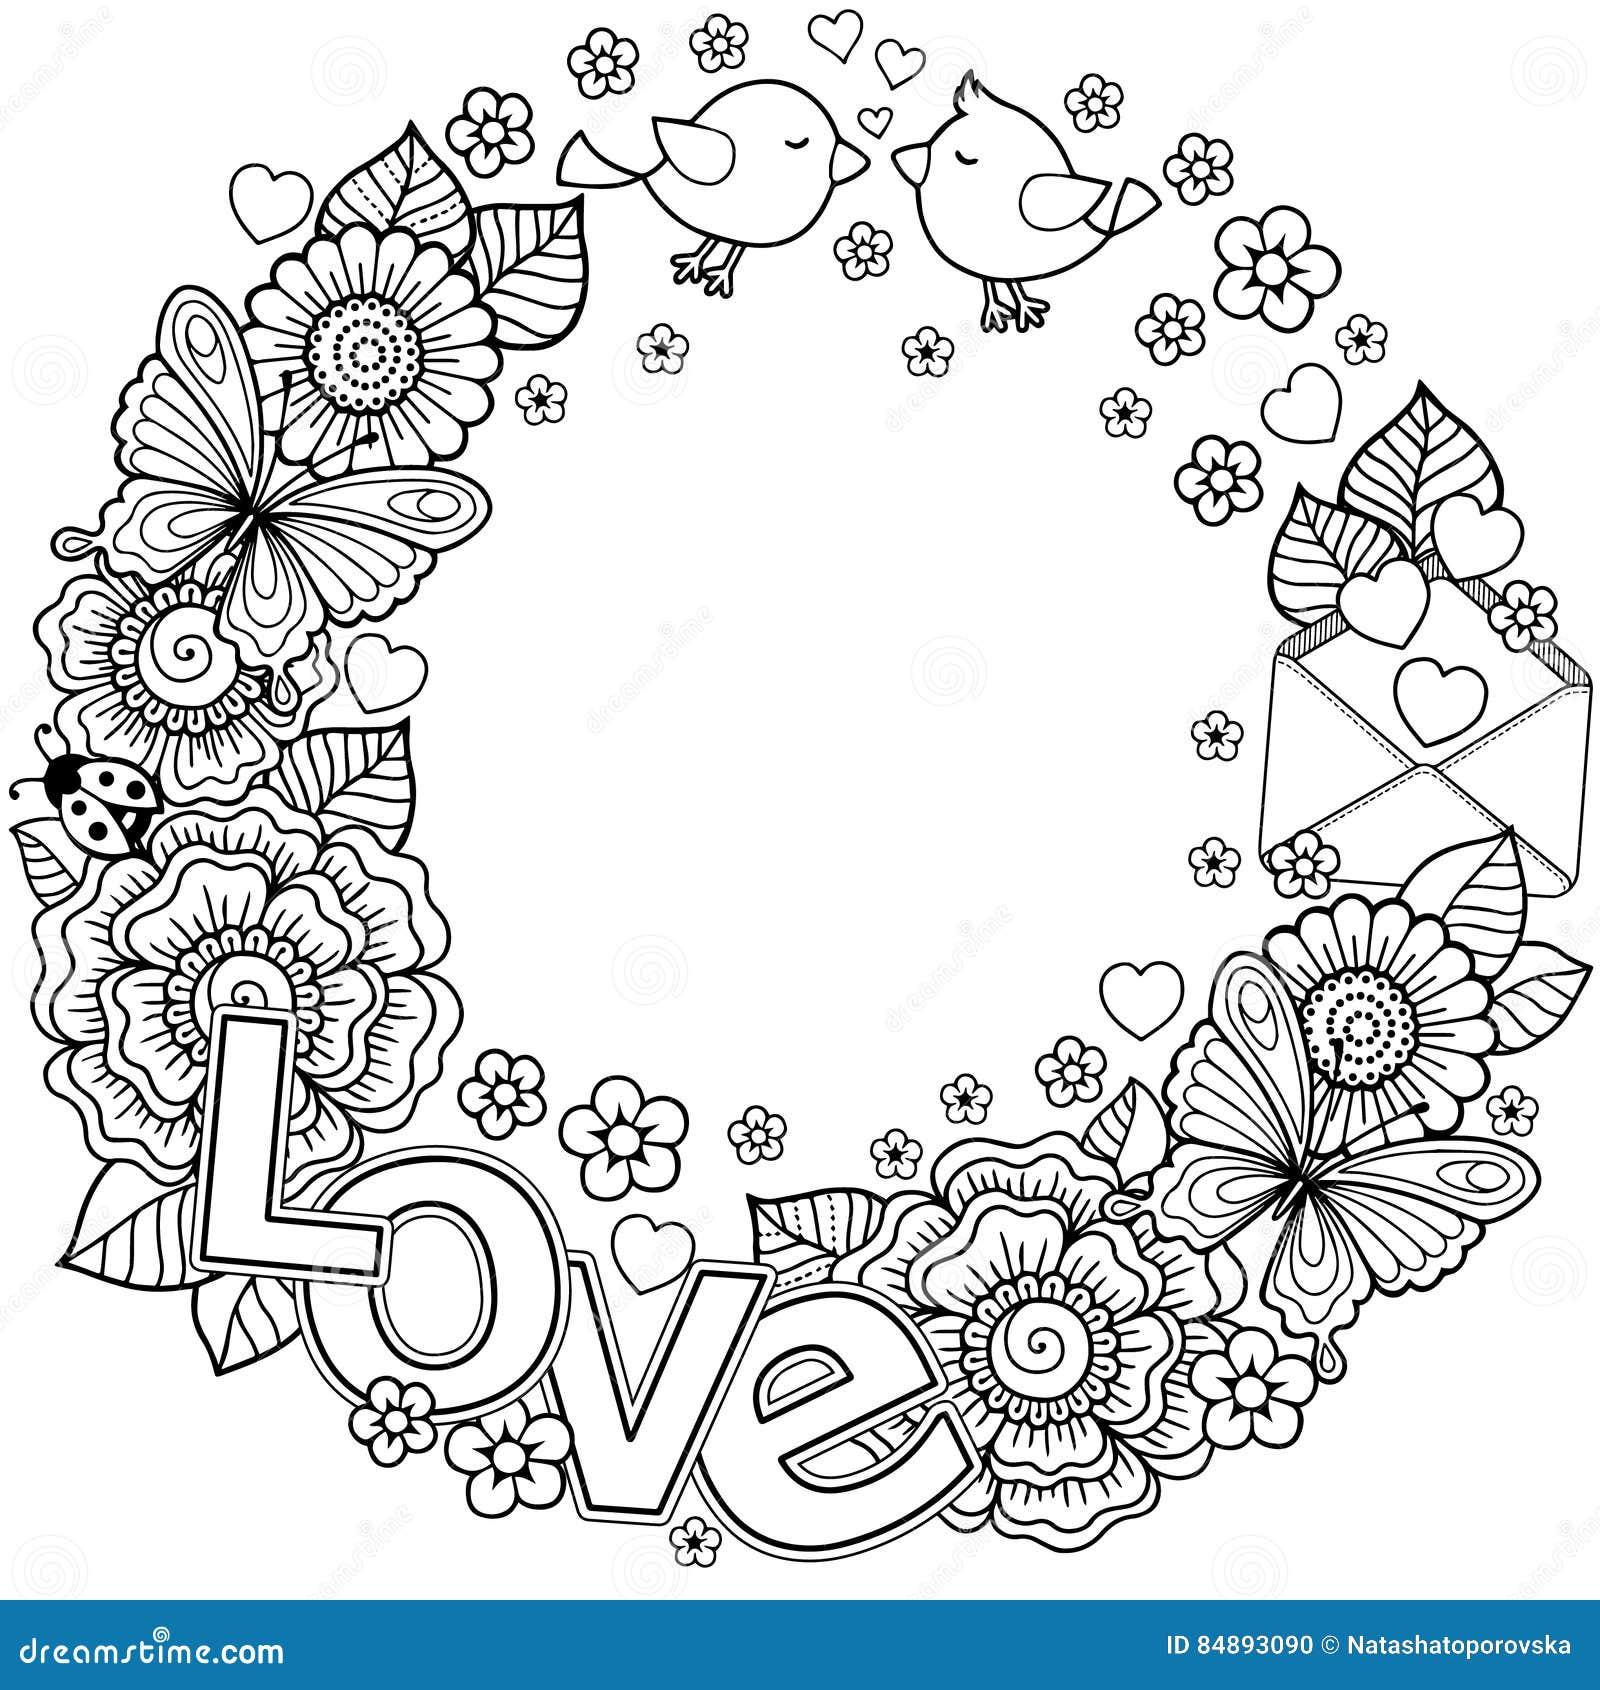 Kocham cię Rounder rama robić kwiaty, motyle, ptaków całować i słowo miłość,